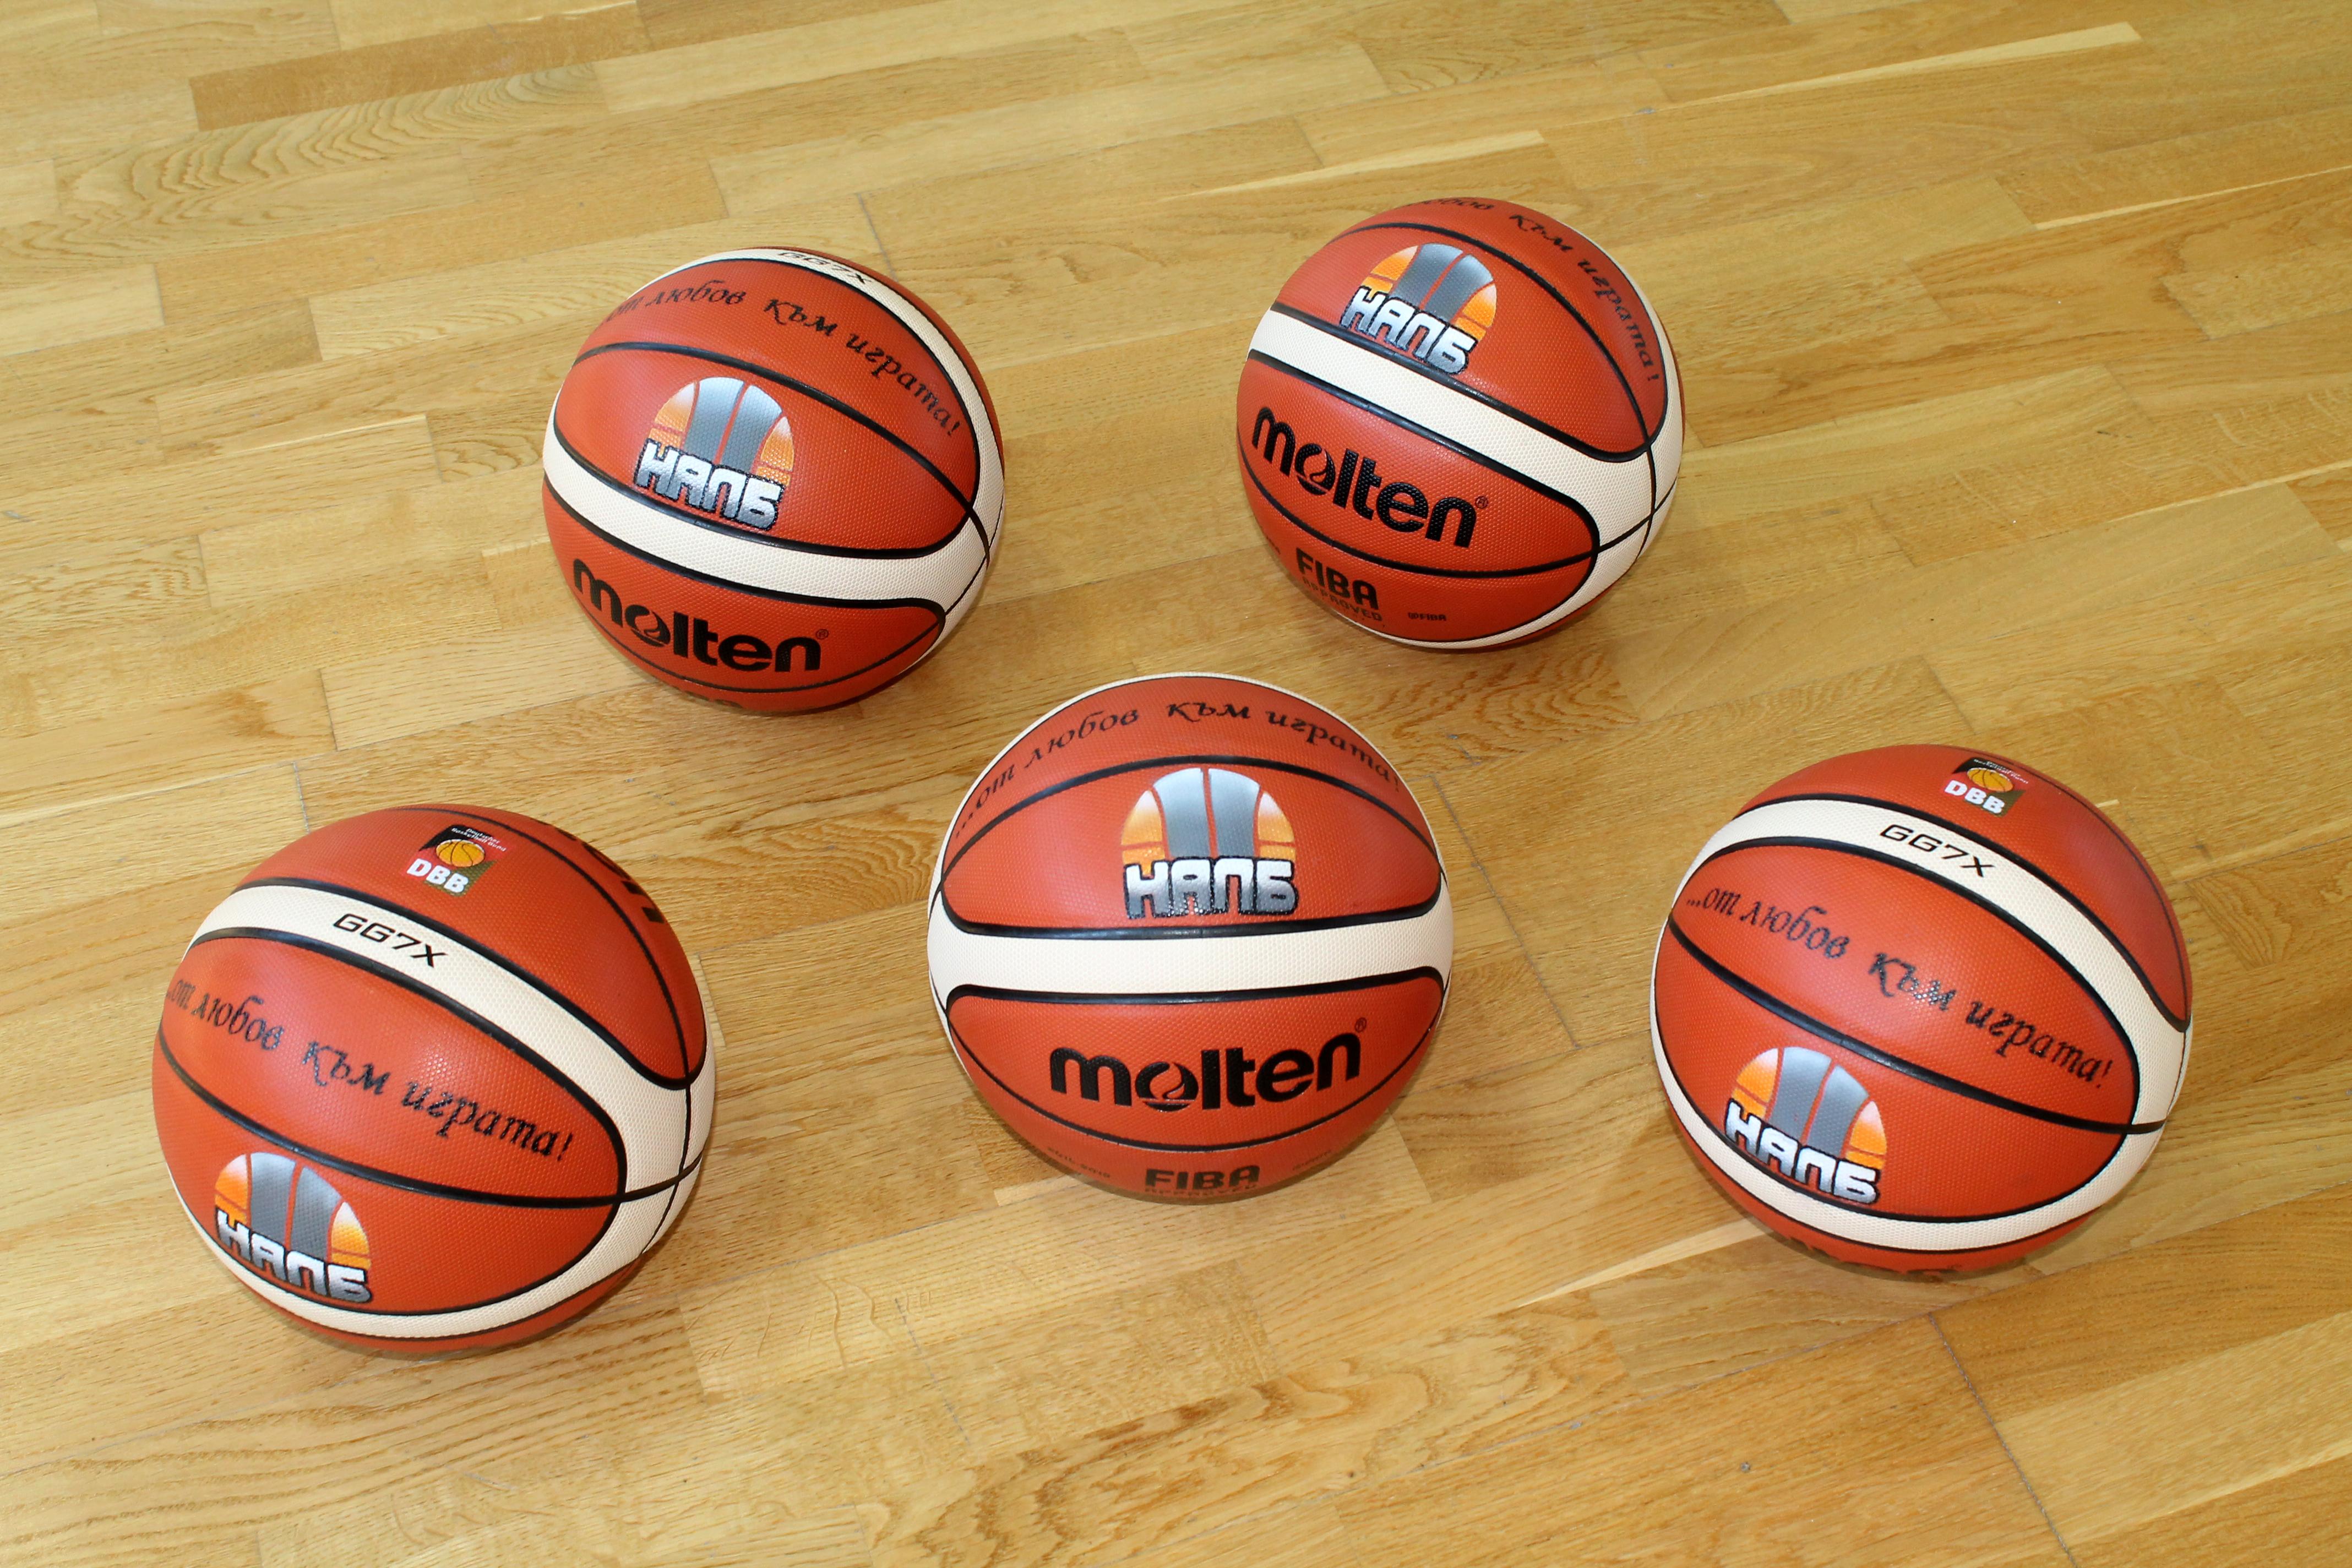 Баскетболна топка – Molten GG7X, официална топка на германската федерация, изработена по нова технология и утвърдена от ФИБА за периода от 2015 до 2020 година - 140.00 лева